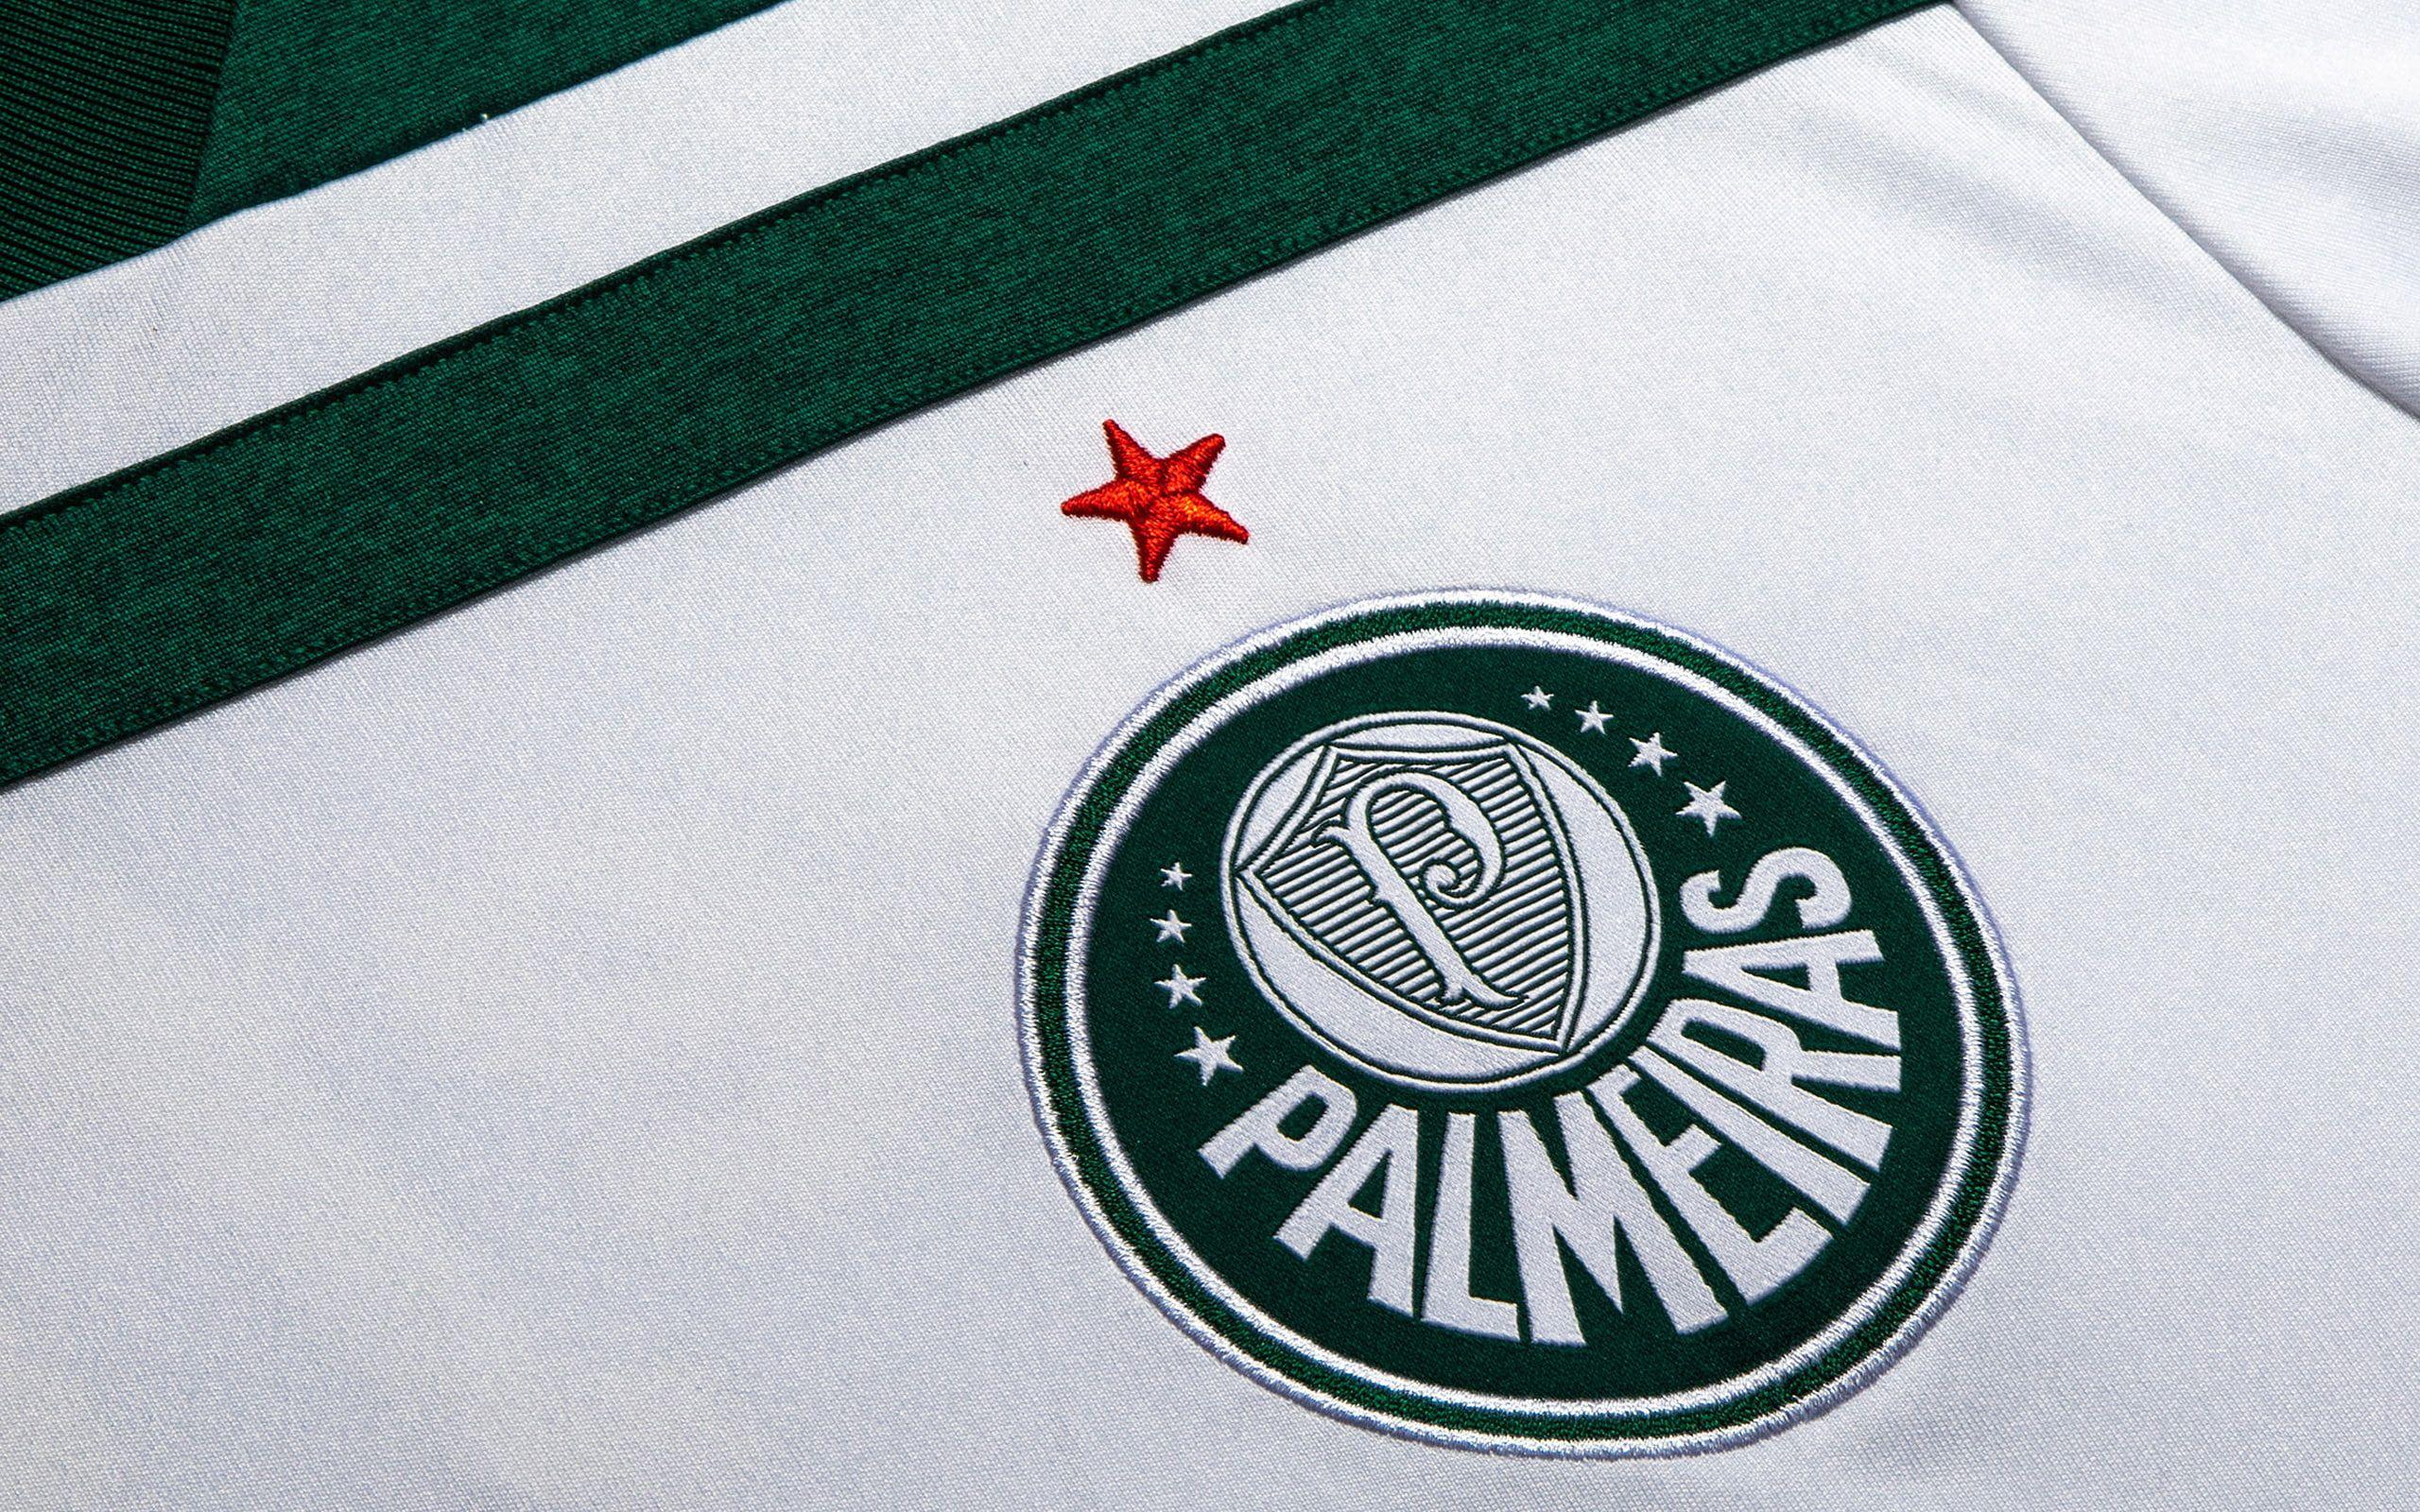 Soccer Sociedade Esportiva Palmeiras Logo 2K wallpaper